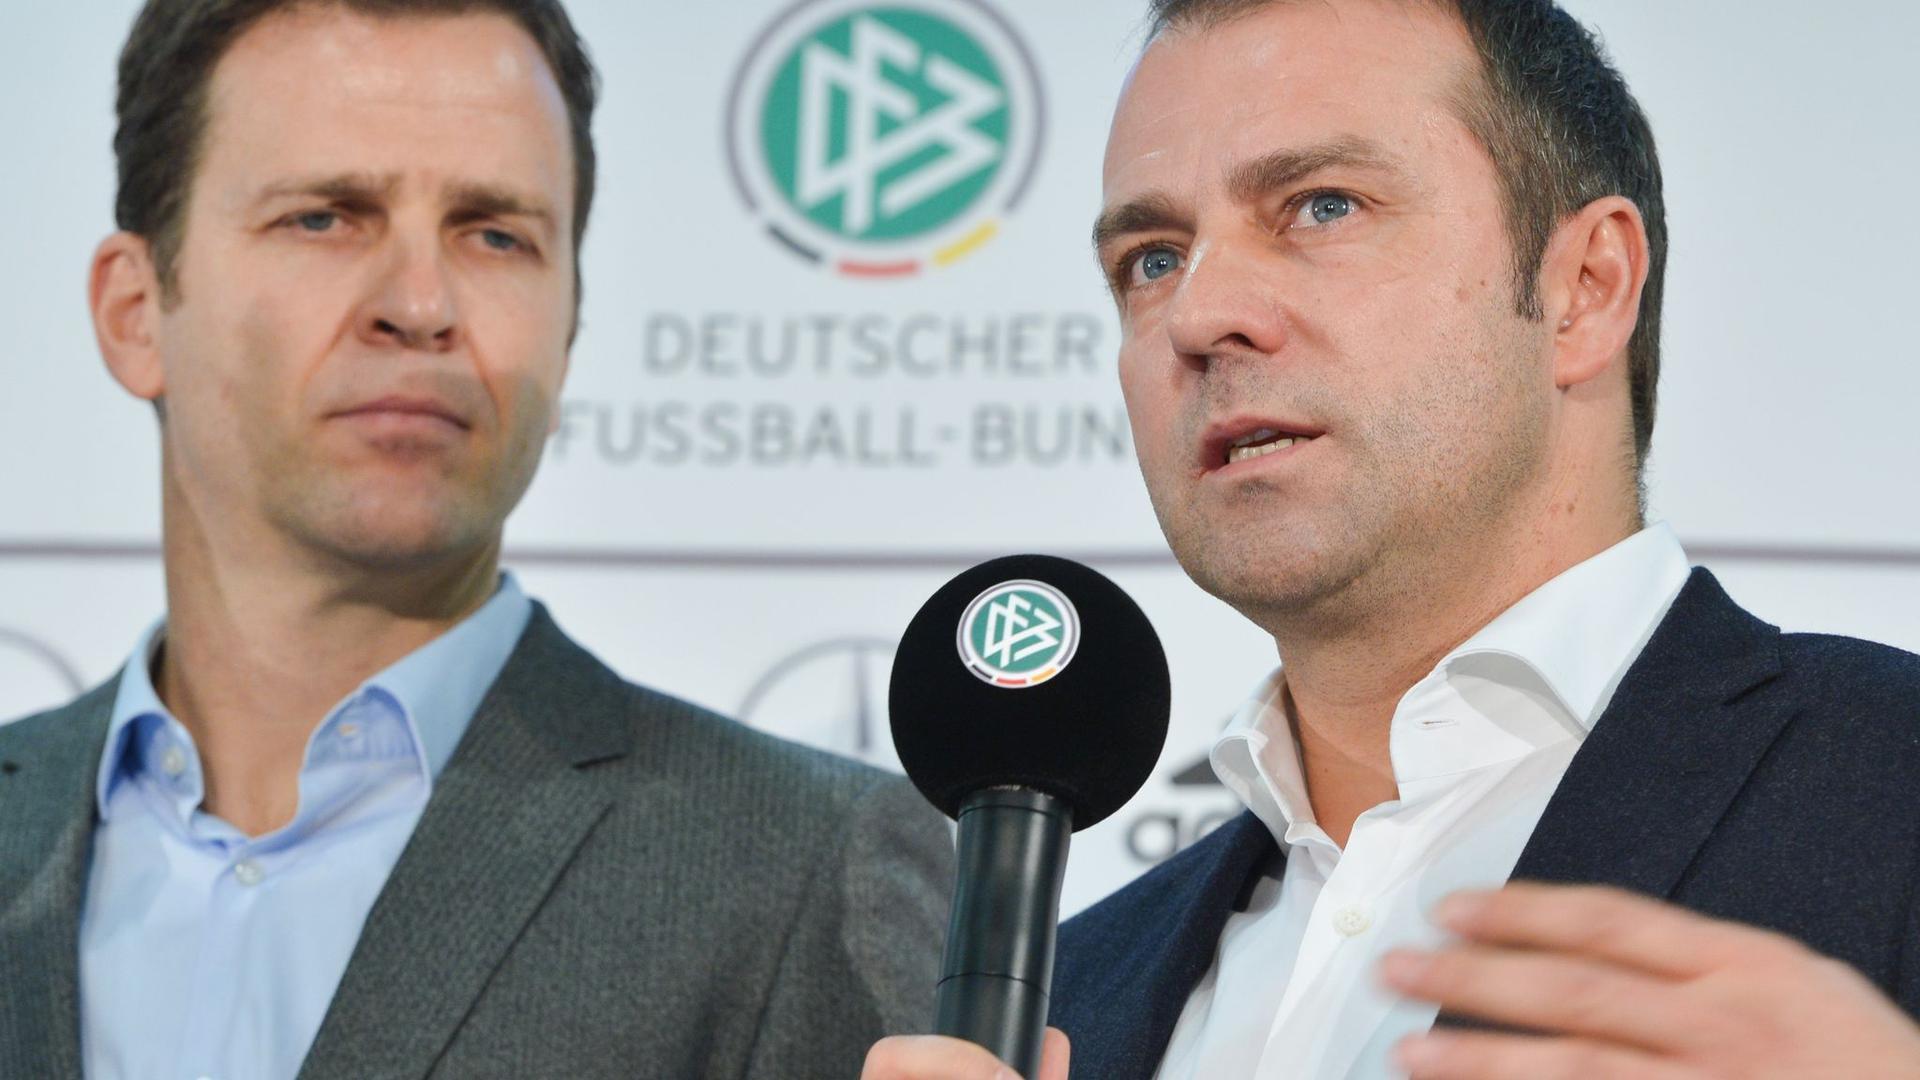 Kennen und schätzen sich: DFB-Direktor Oliver Bierhoff und Trainer Hansi Flick.